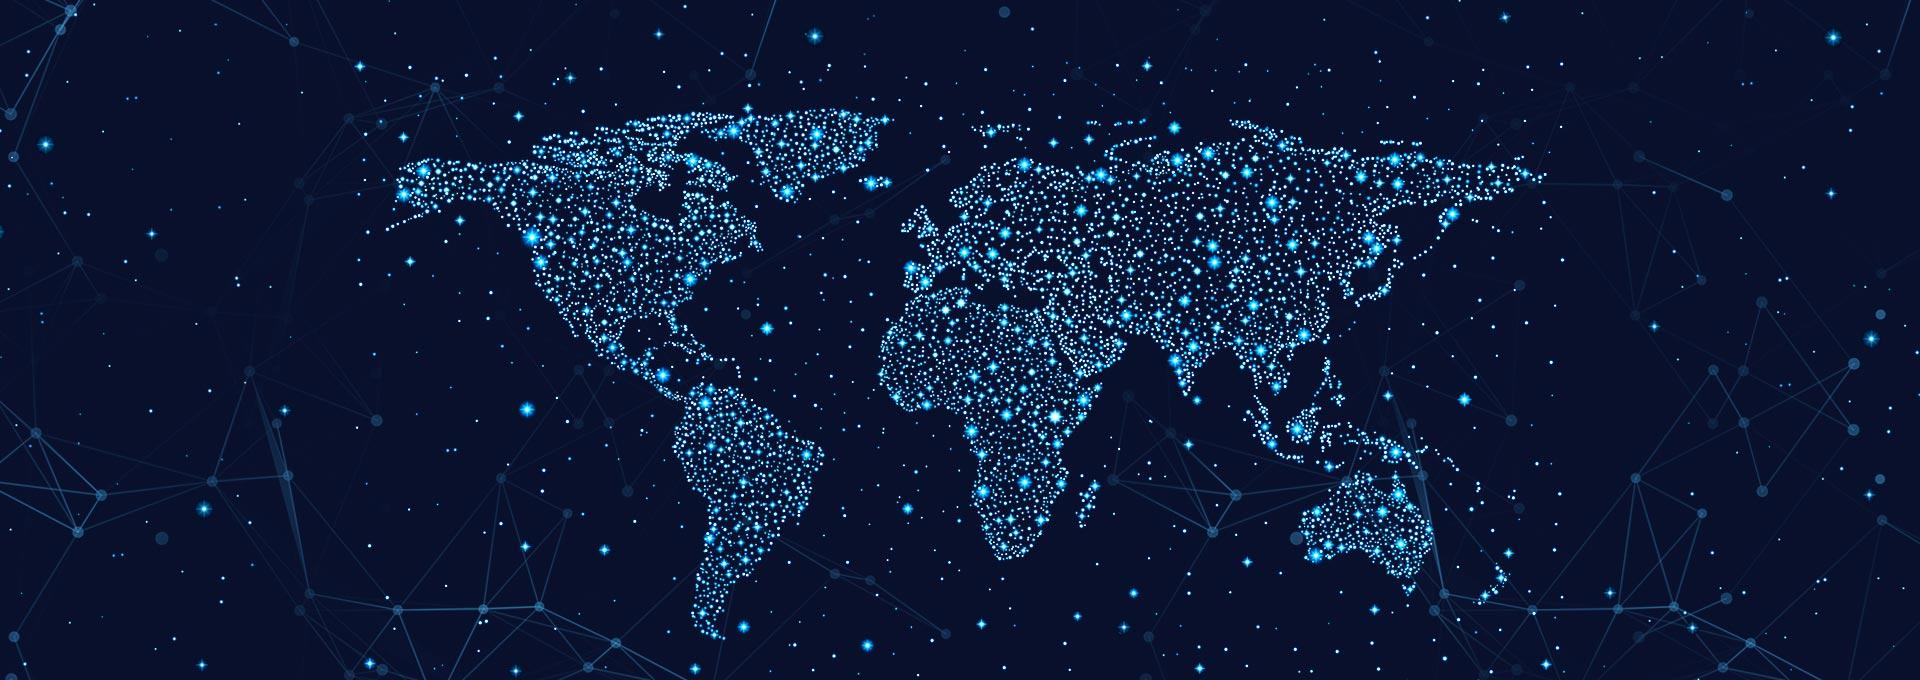 傲途Whatsapp消息群发平台全部终端和服务器集群化部署在海外机房